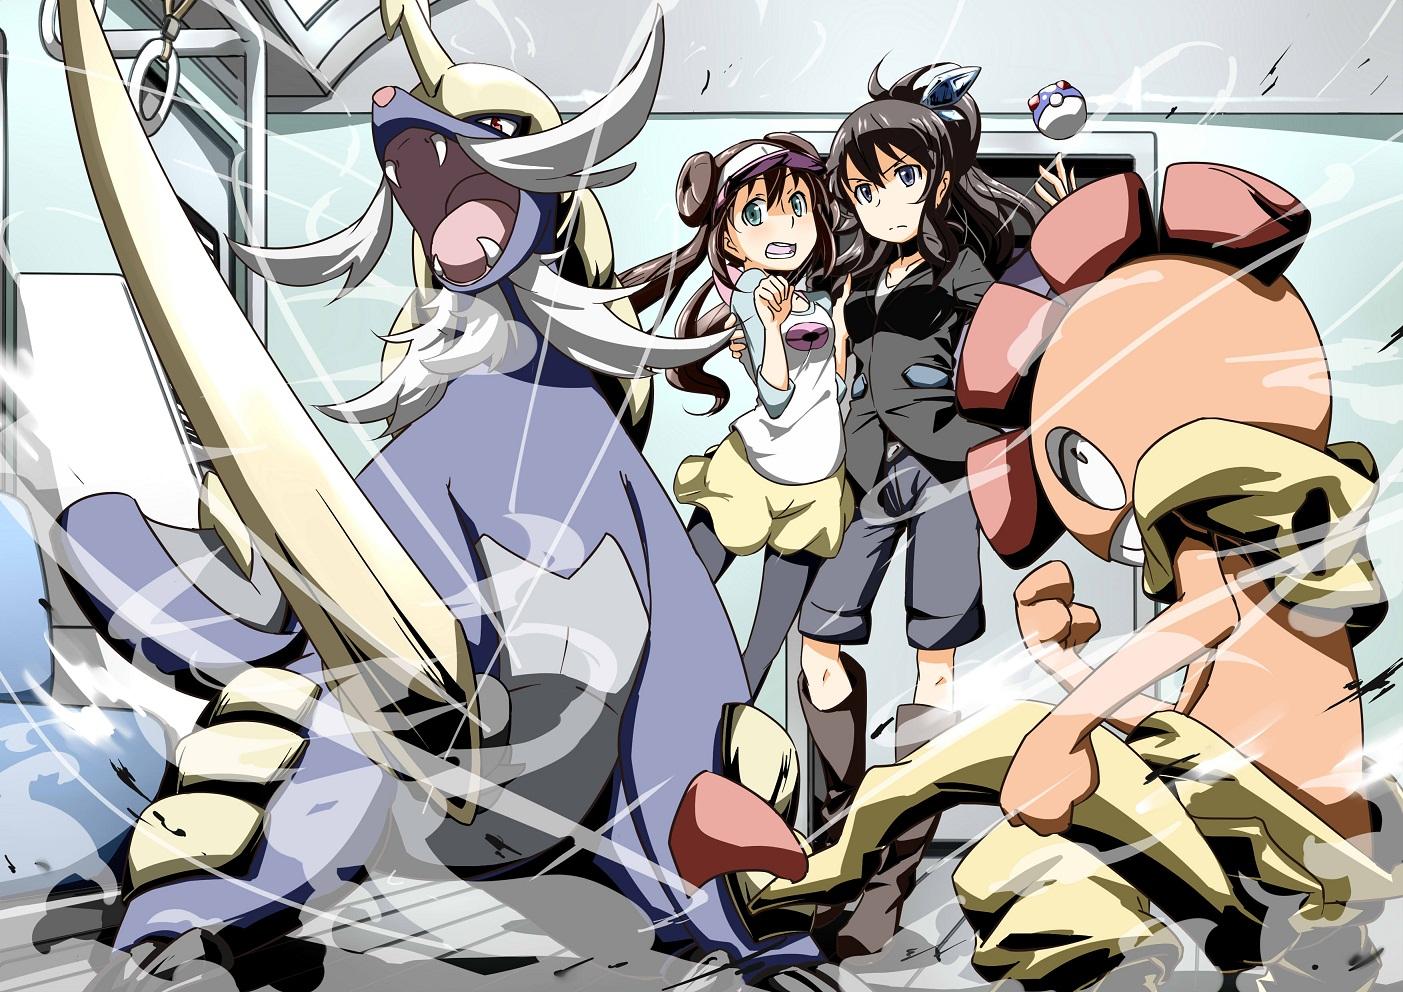 壁紙 口袋妖怪系列 青年 日本动画 女孩 下载 照片